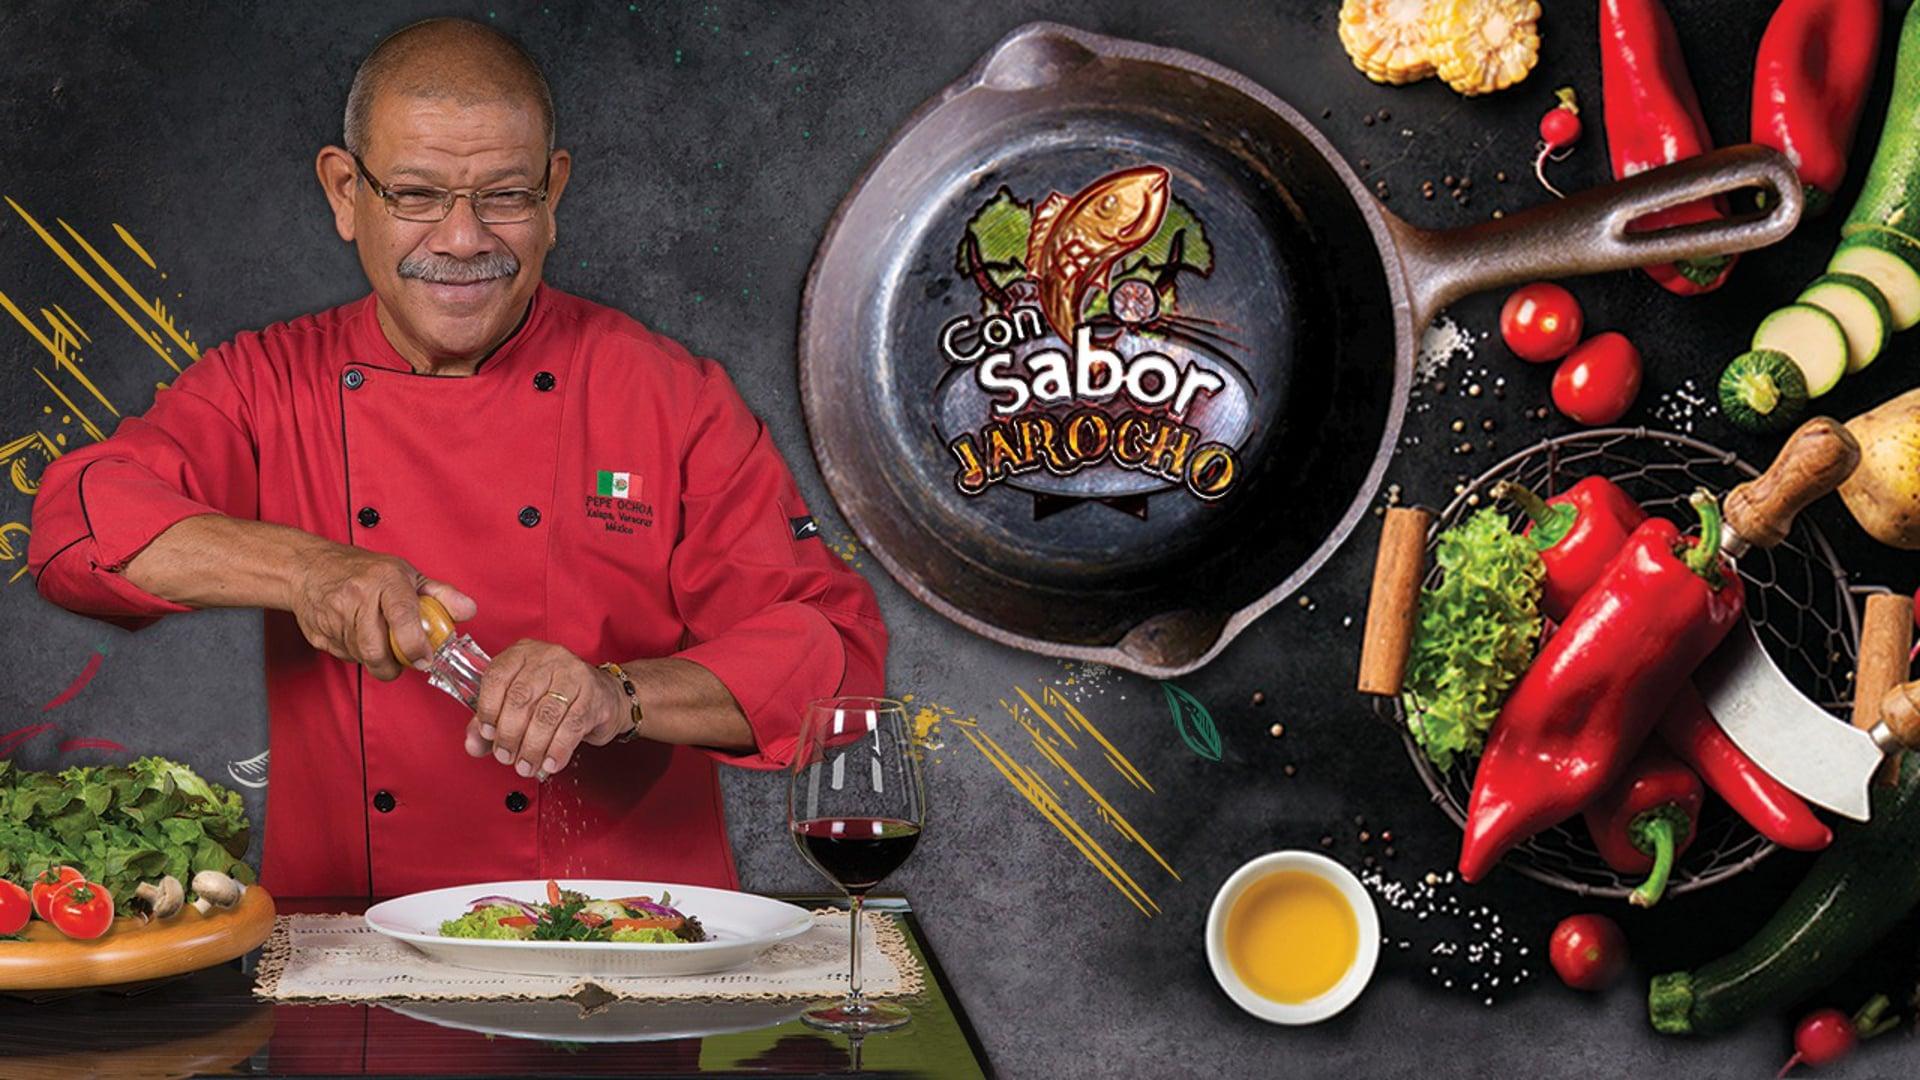 Con Sabor Jarocho